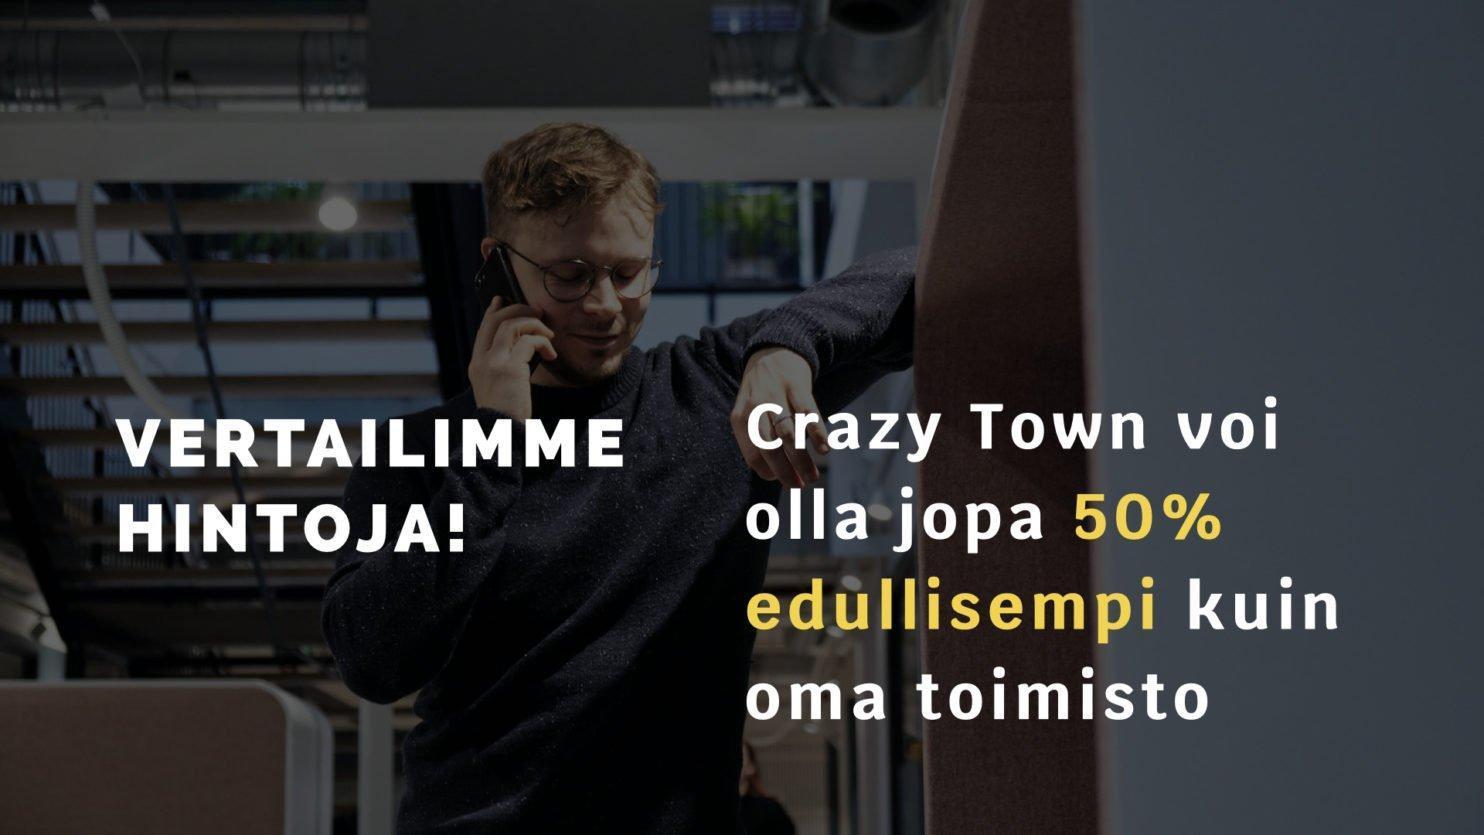 Toimitila hintavertailu Crazy Town Pori Hämeenlinna Tampere Jyväskylä Helsinki